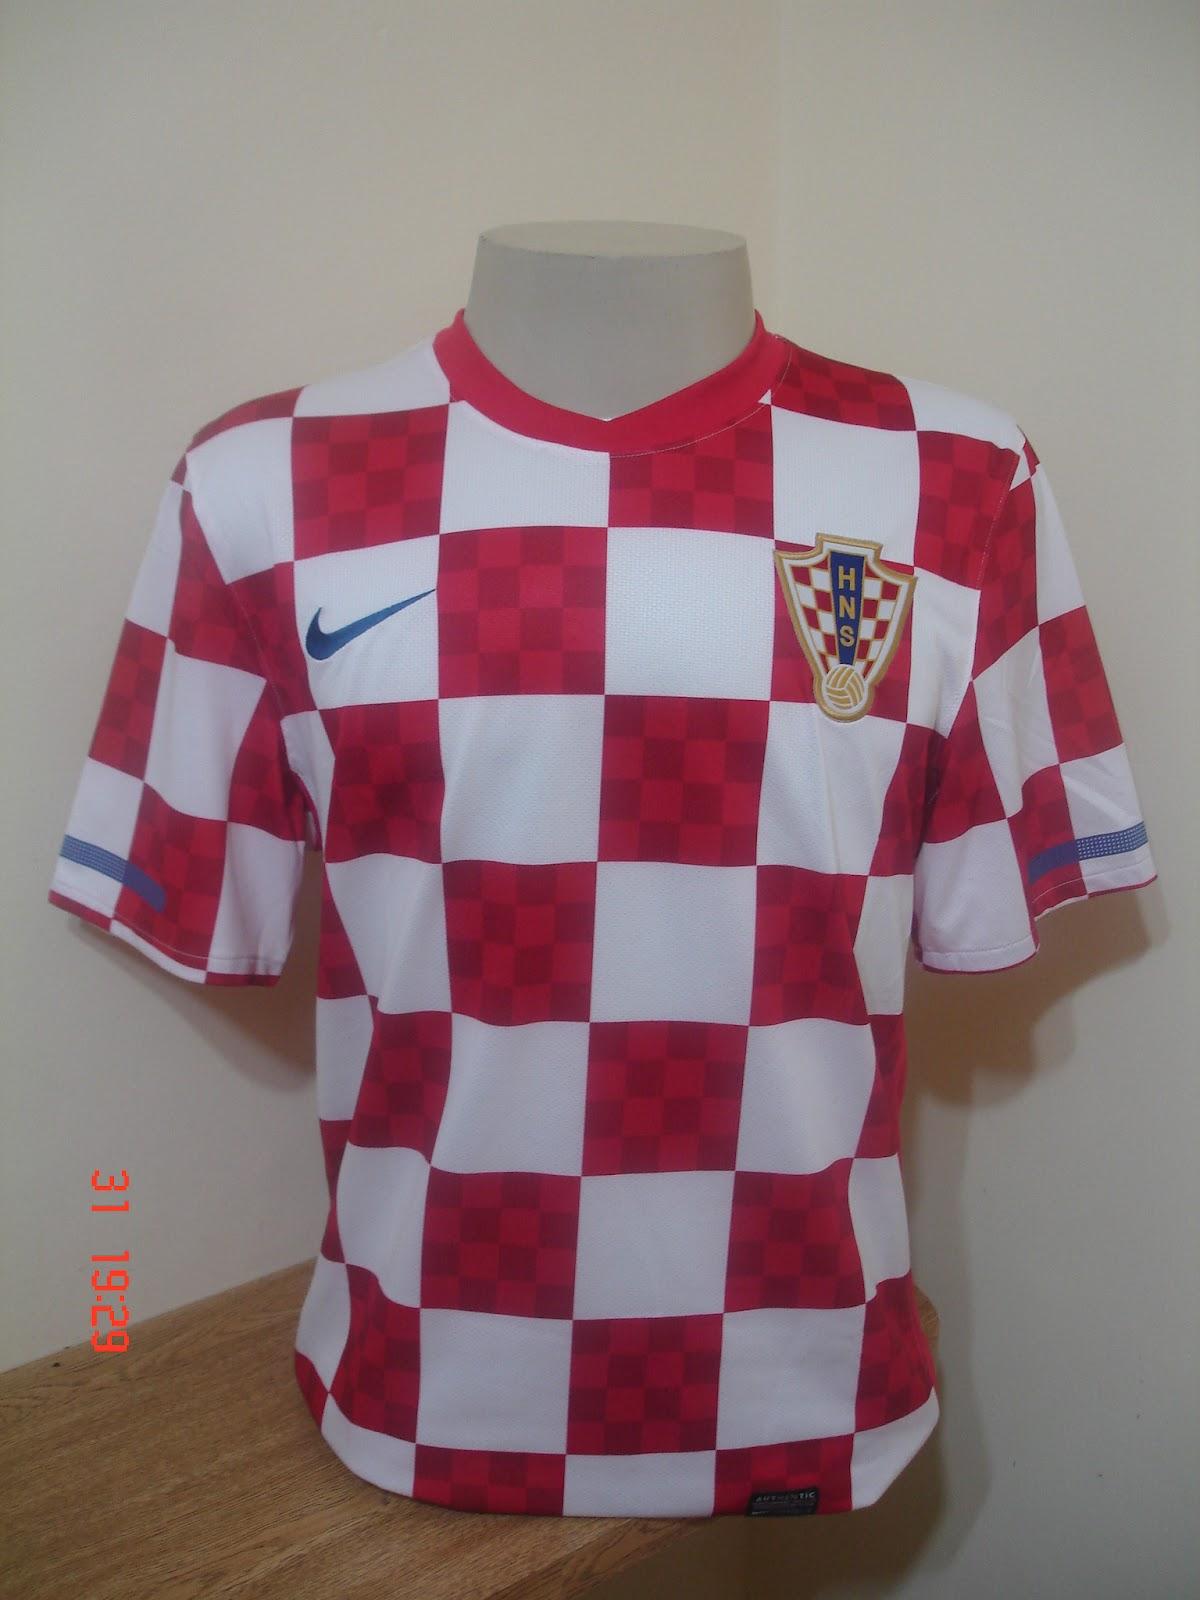 Os modelos das camisas da Puma são bem justos inclusive as das seleções  africanas. Na copa de 2010 a Costa do Marfim jogou com uma camisa de cor  laranja e ... 4fd0984ffcdbf